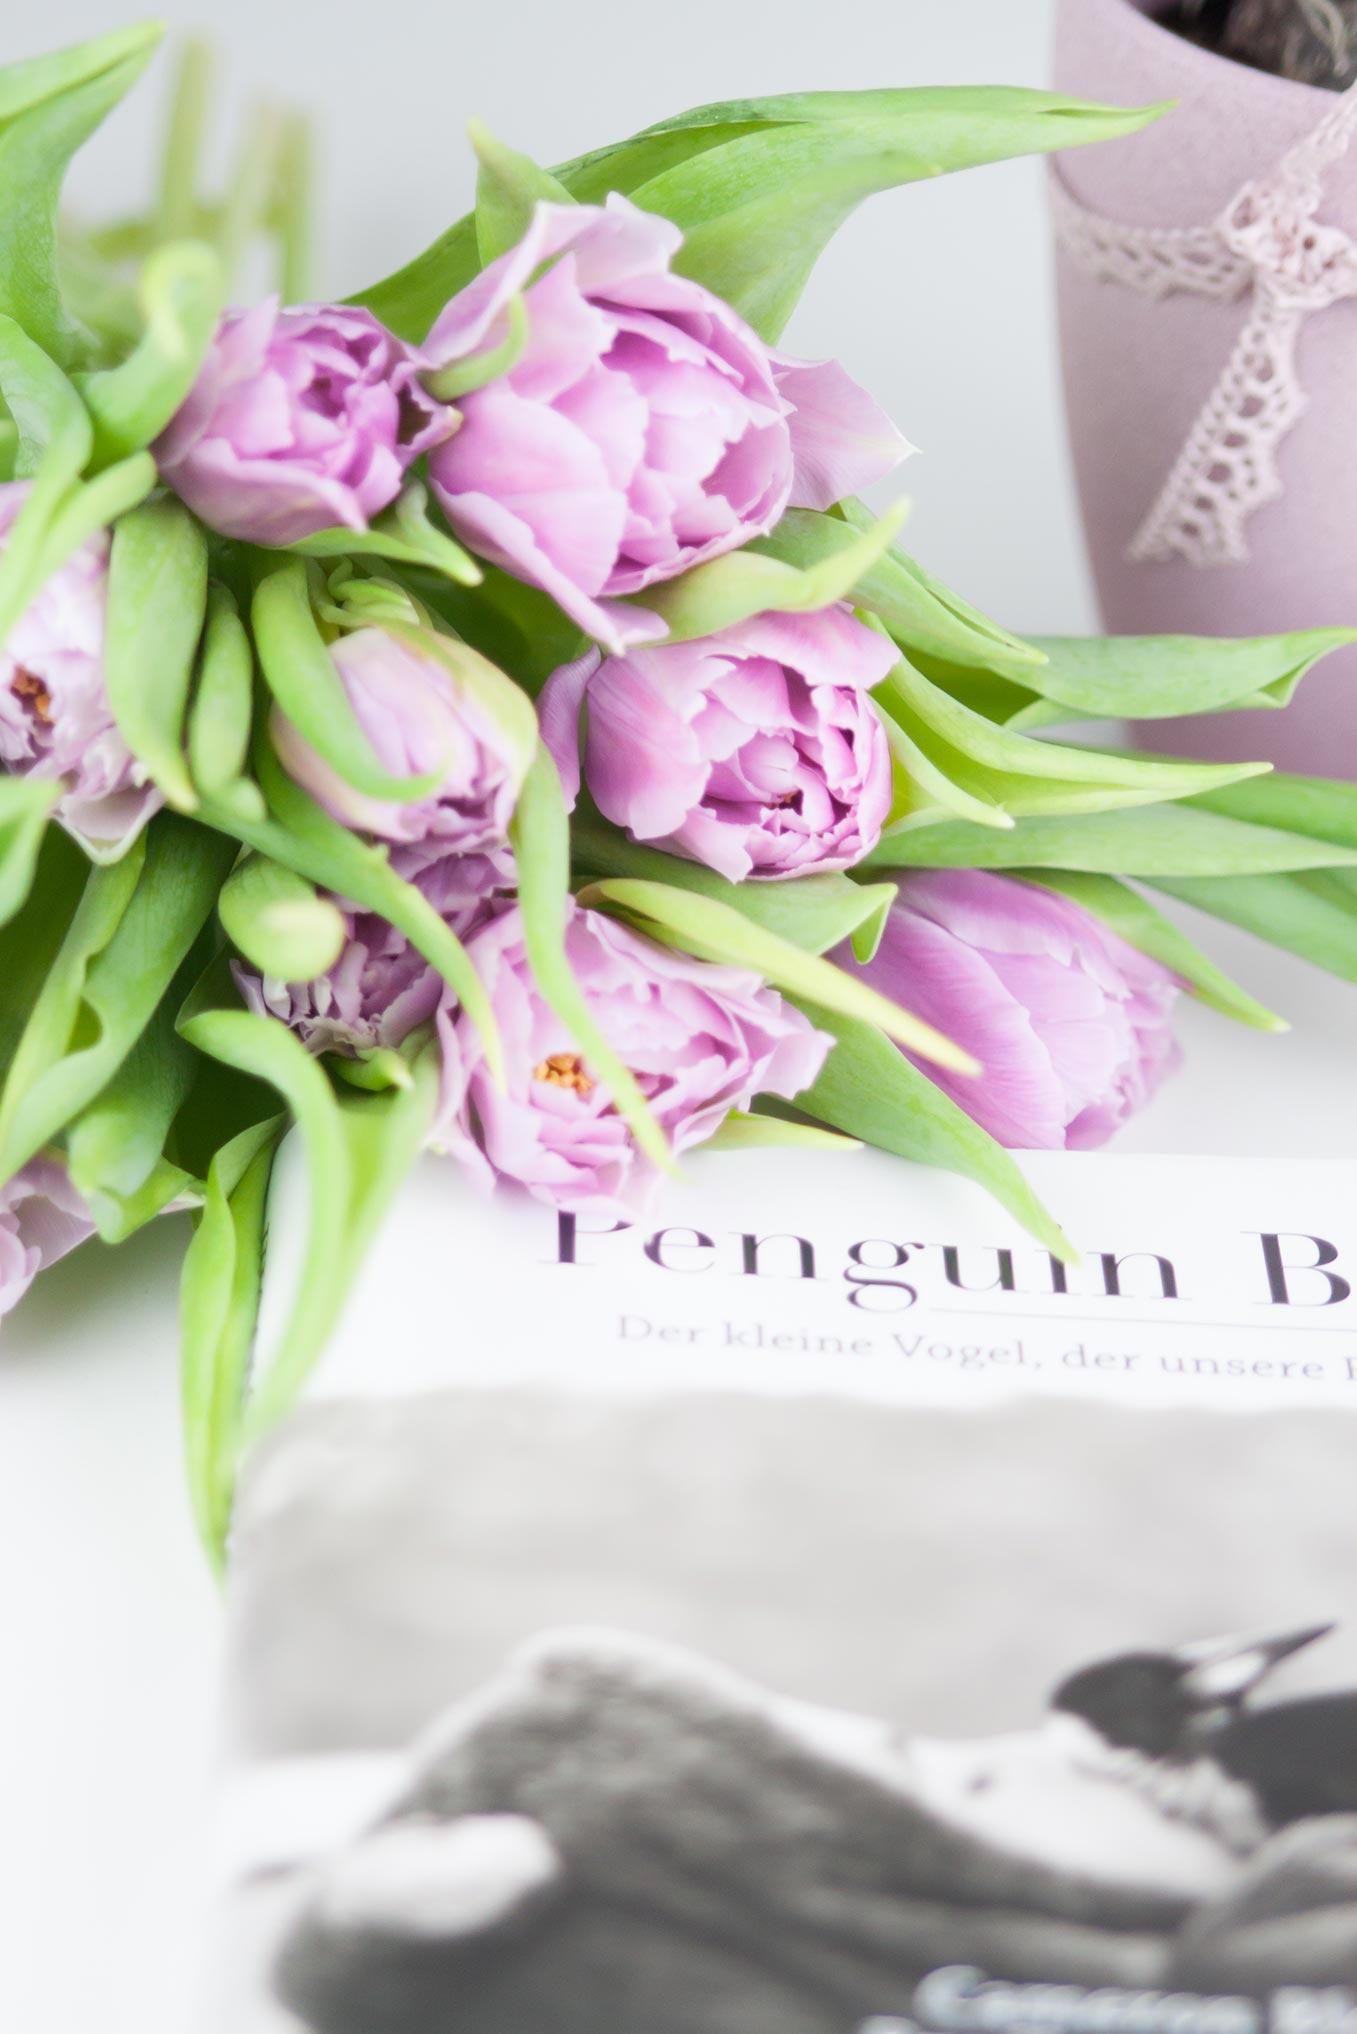 Buchtipp Penguin Bloom